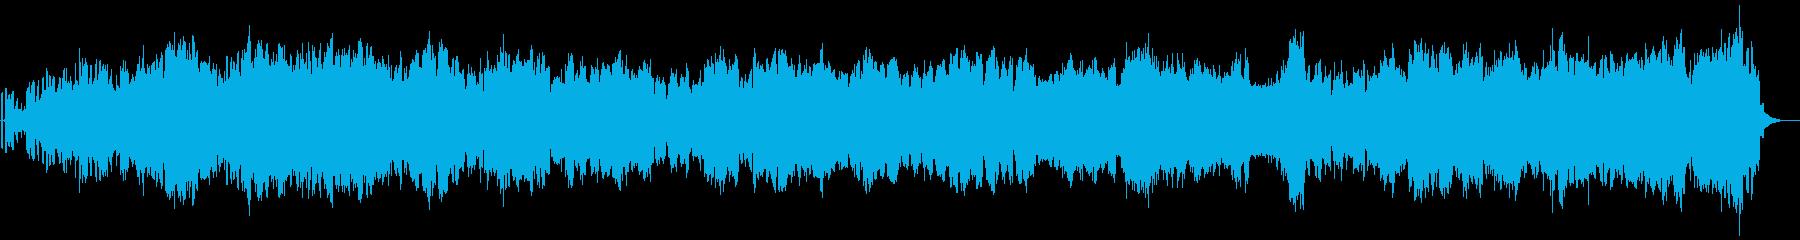 煌びやかな癒し系アンビエント楽曲01-1の再生済みの波形